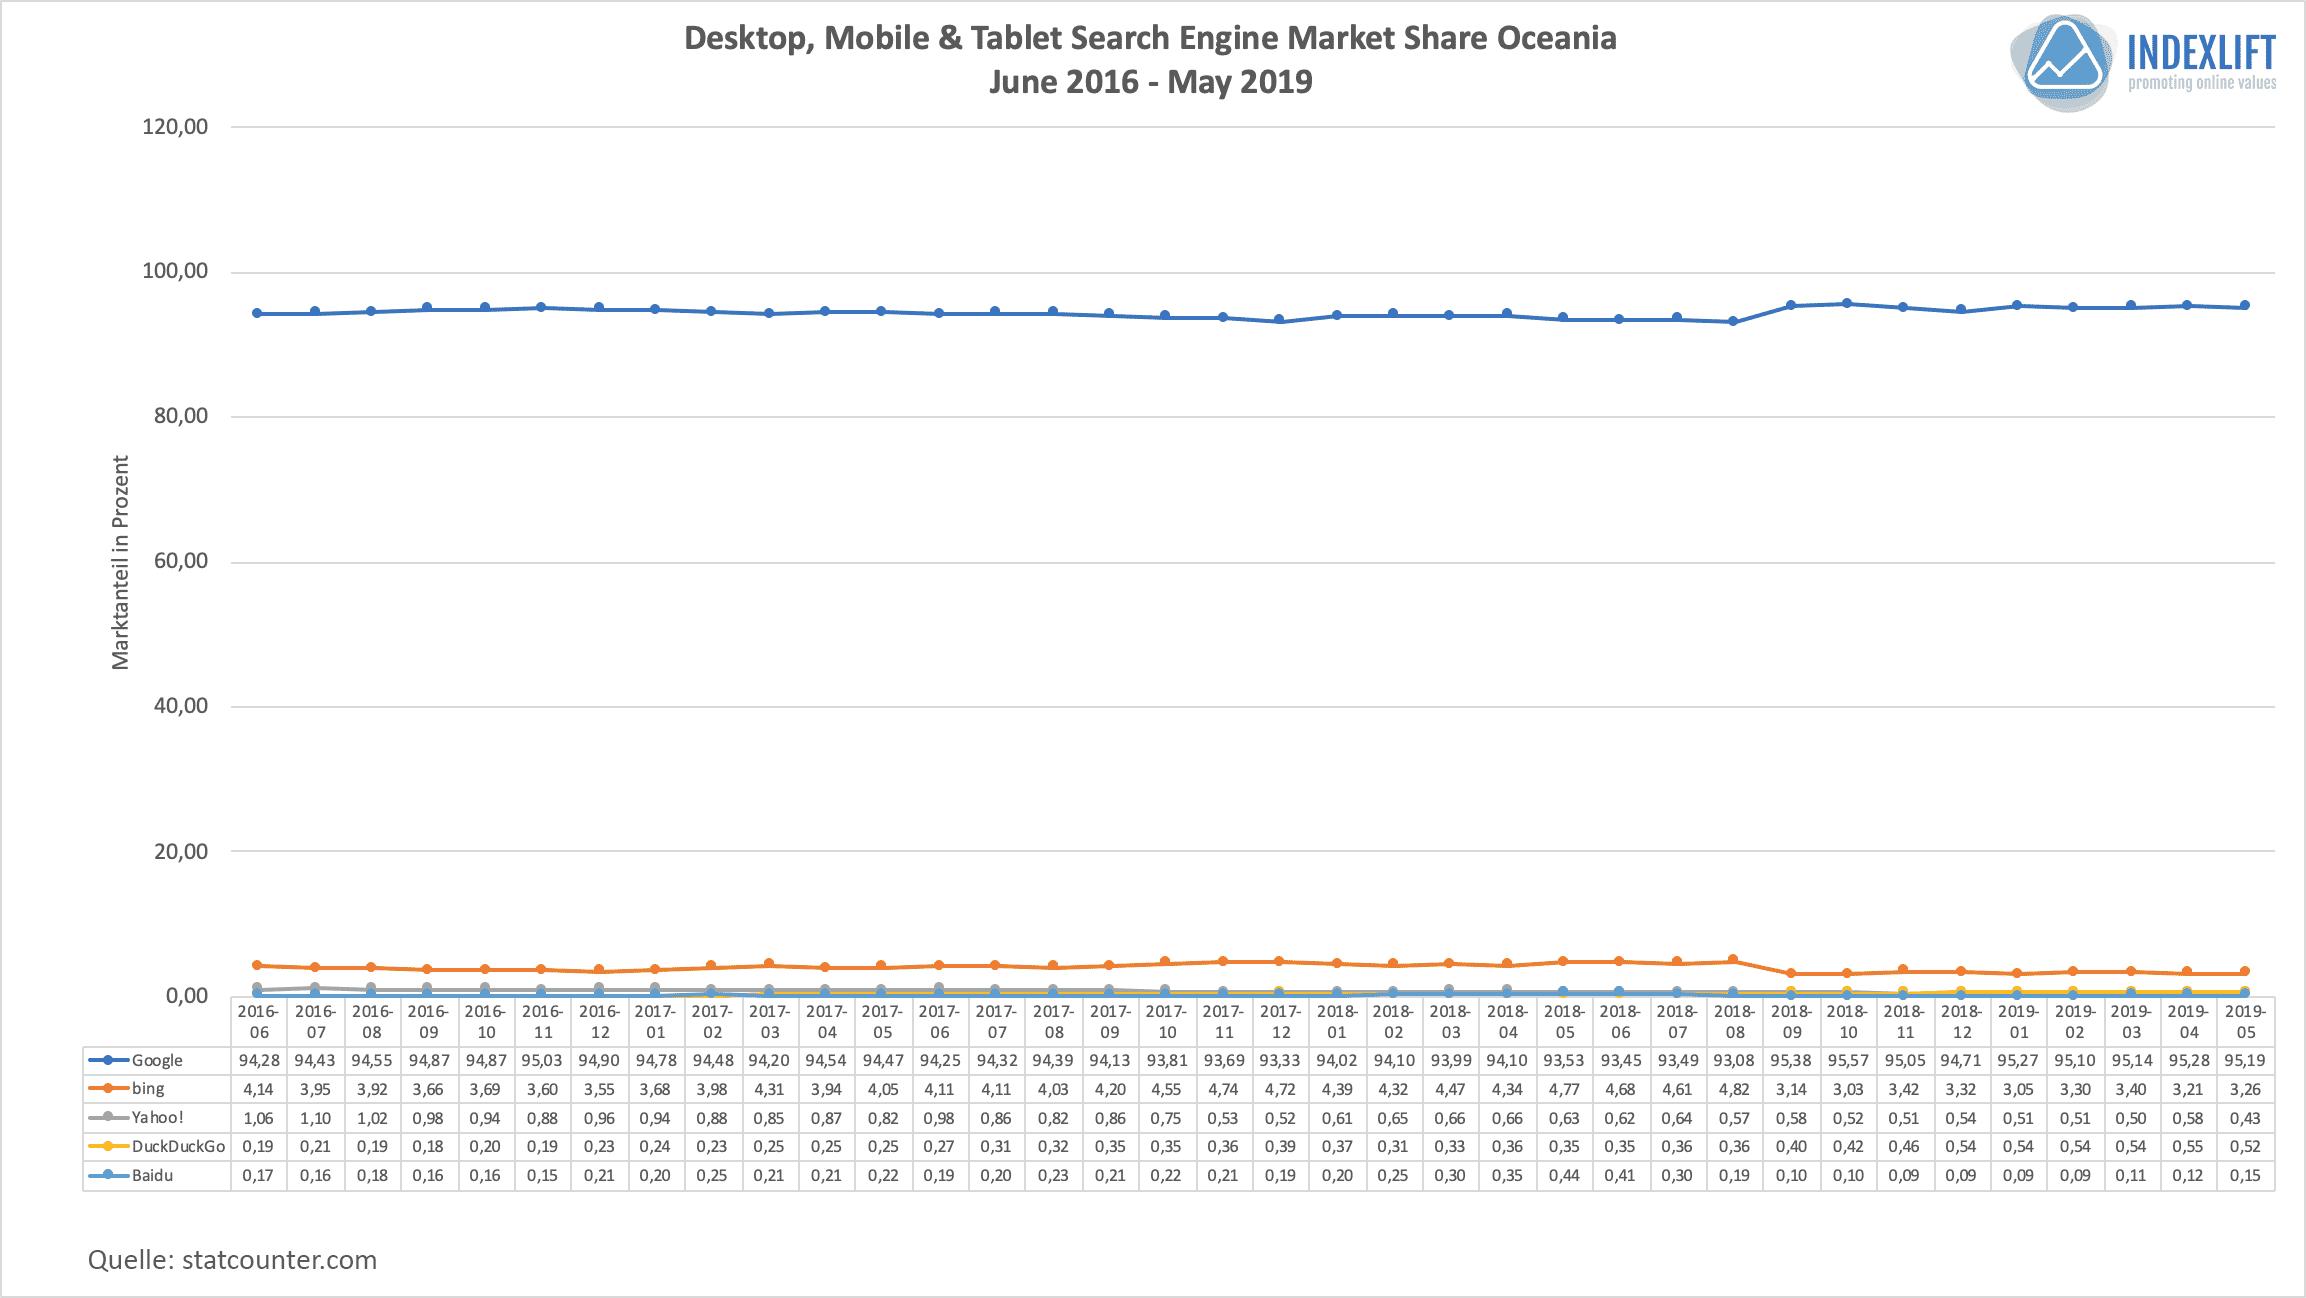 Marktanteile Suchmaschinen - Verteilung in Ozeanien